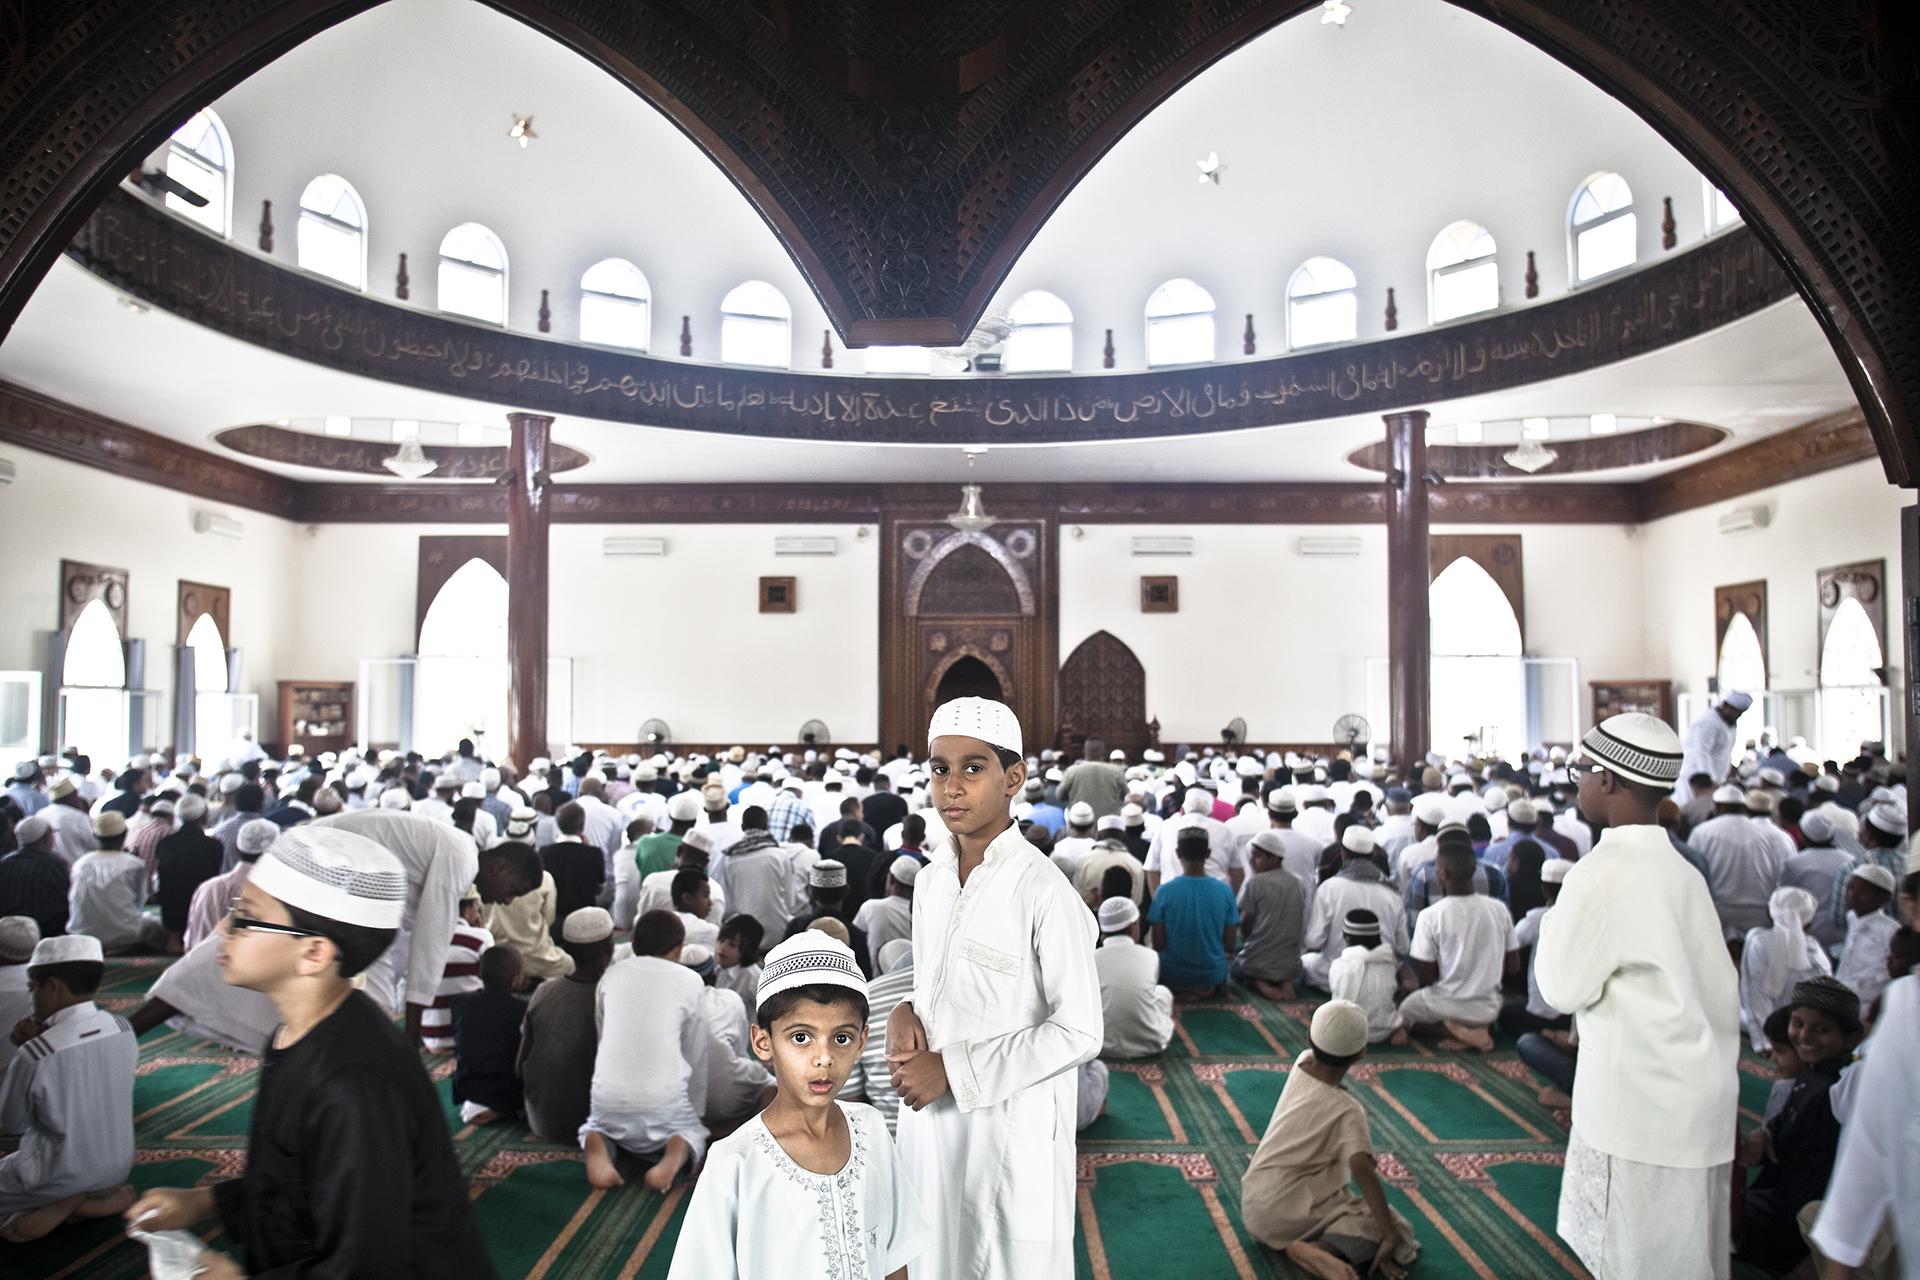 Saint-Pierre, Ile de la Réunion. Octobre 2012.La mosquée de Saint-Pierre est la plus grande de l'Île. Elle peut contenir 1200 fidèles pour la prière et jusqu'à 2500 personnes lors de discours.